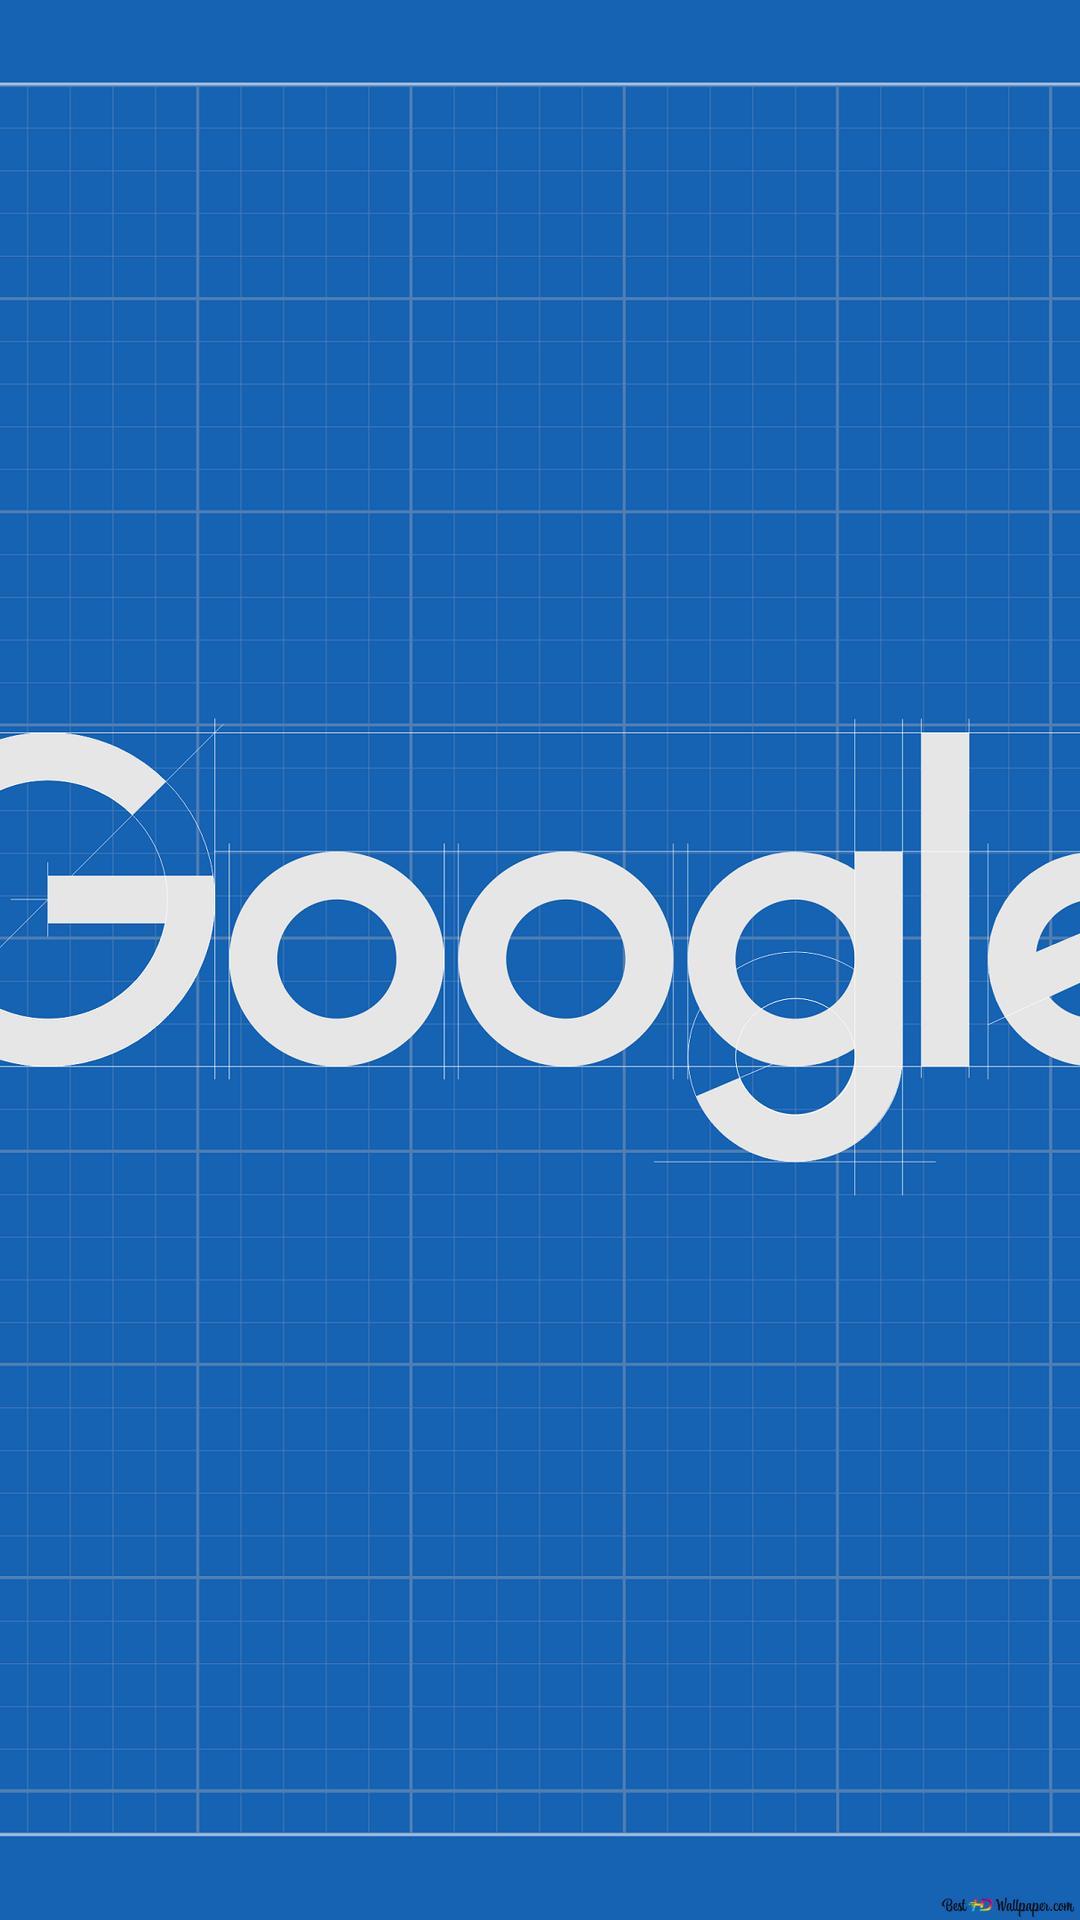 Googleのロゴ青写真 Hd壁紙のダウンロード